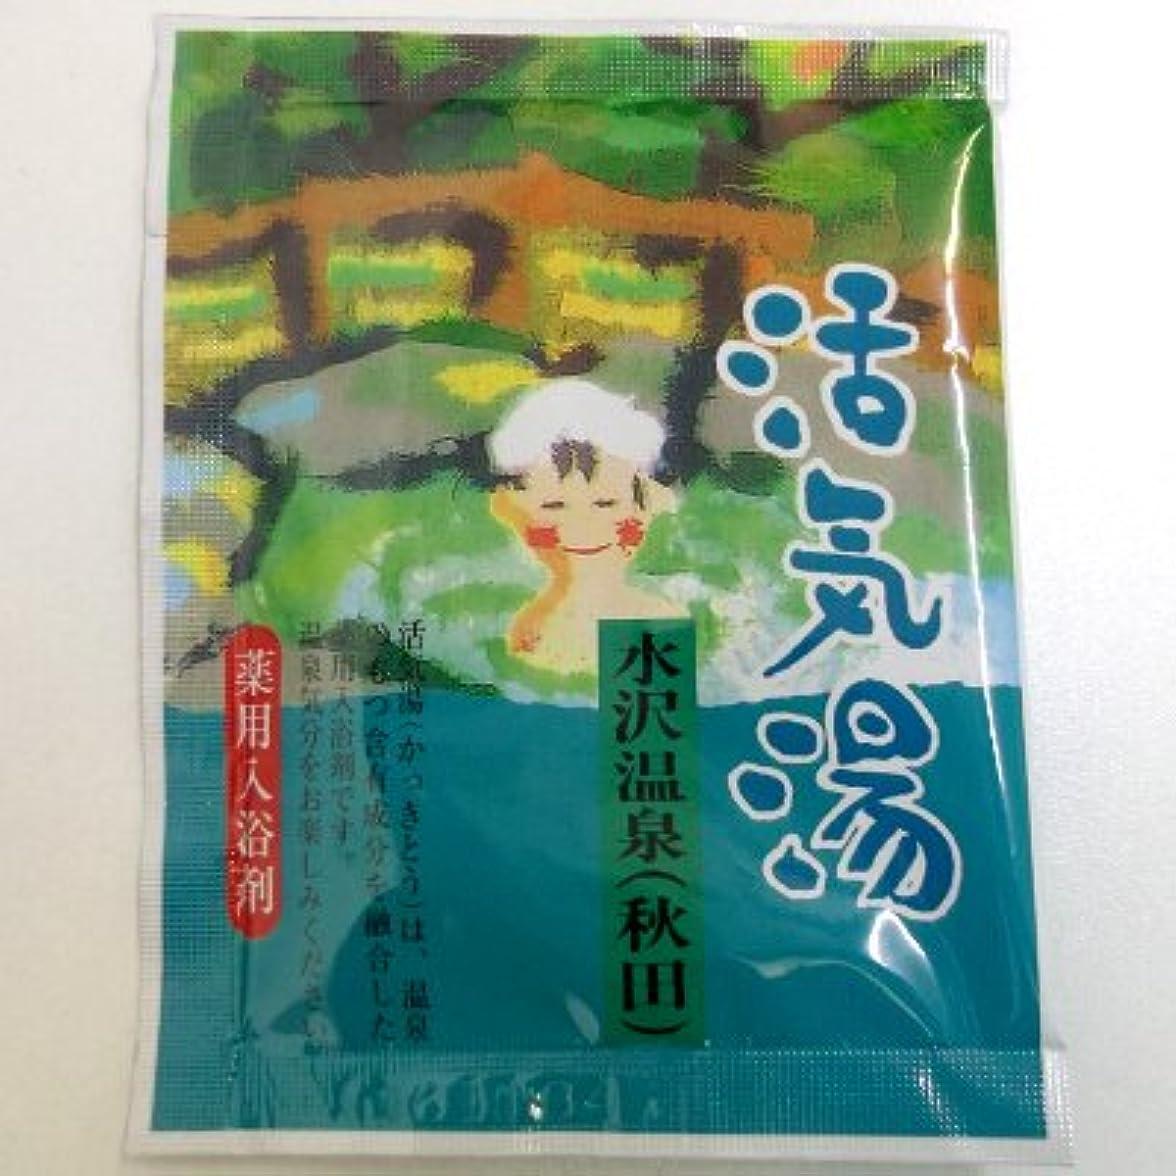 ボンド運動ヒステリック活気湯 水沢温泉(青リンゴ)